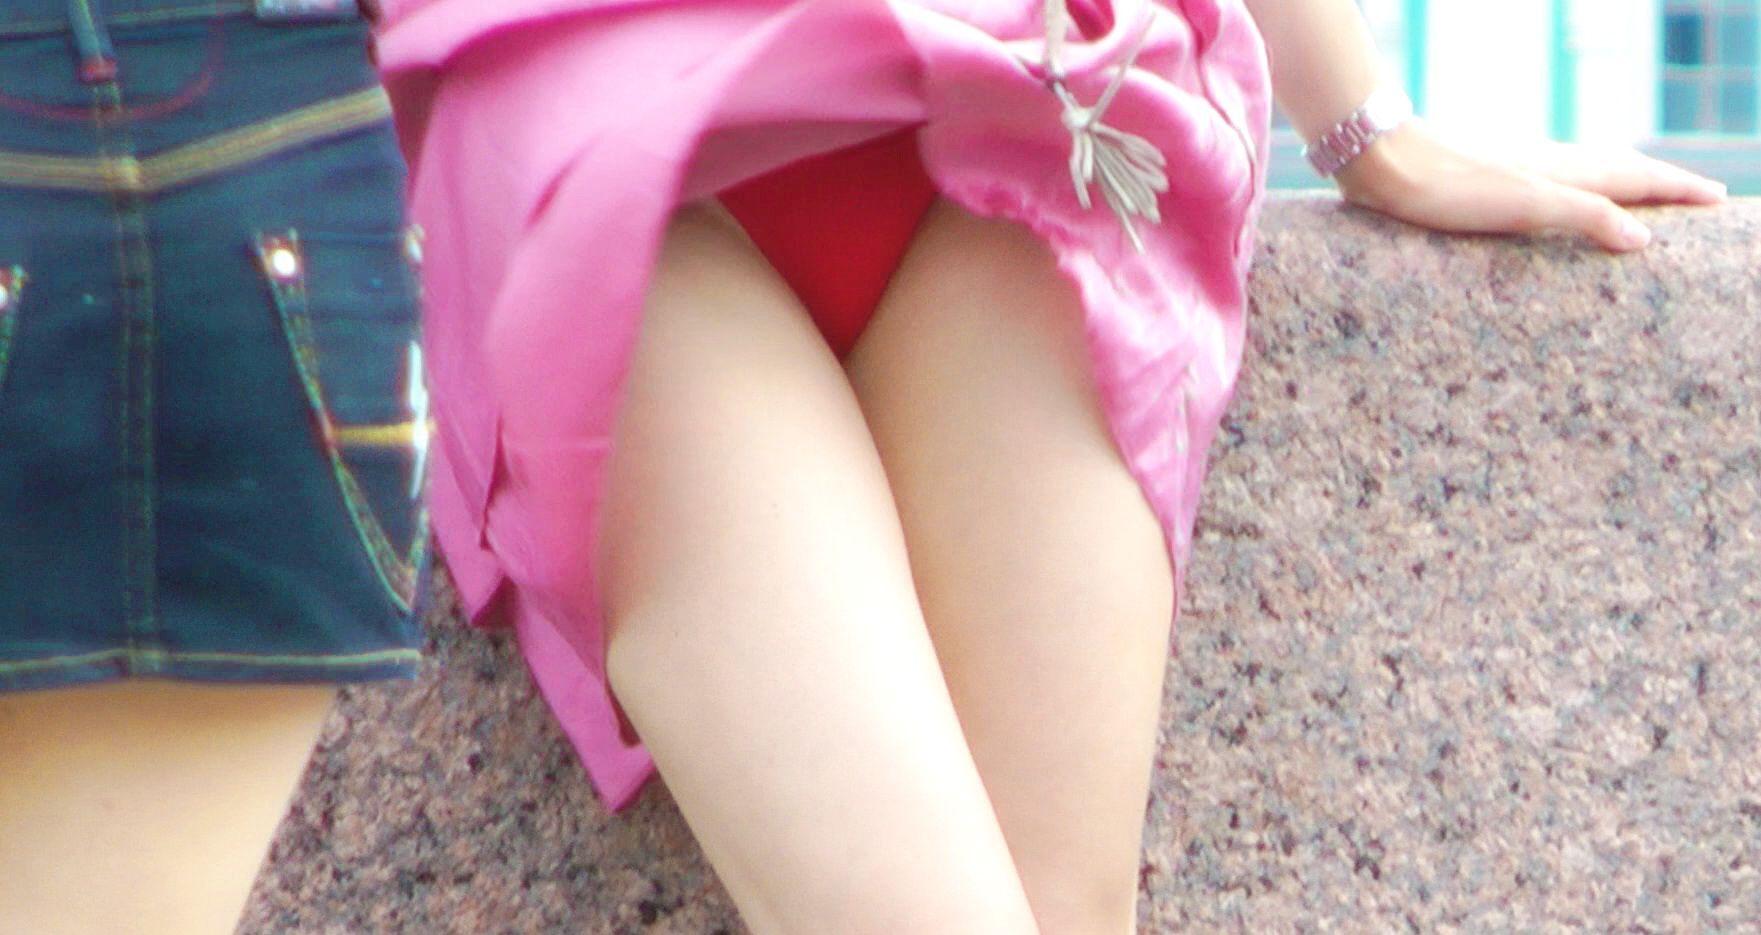 【エロ画像】街で勝負下着を盗撮された意識高すぎ高杉さんwwwwwwwwwwwwwwwww・6枚目